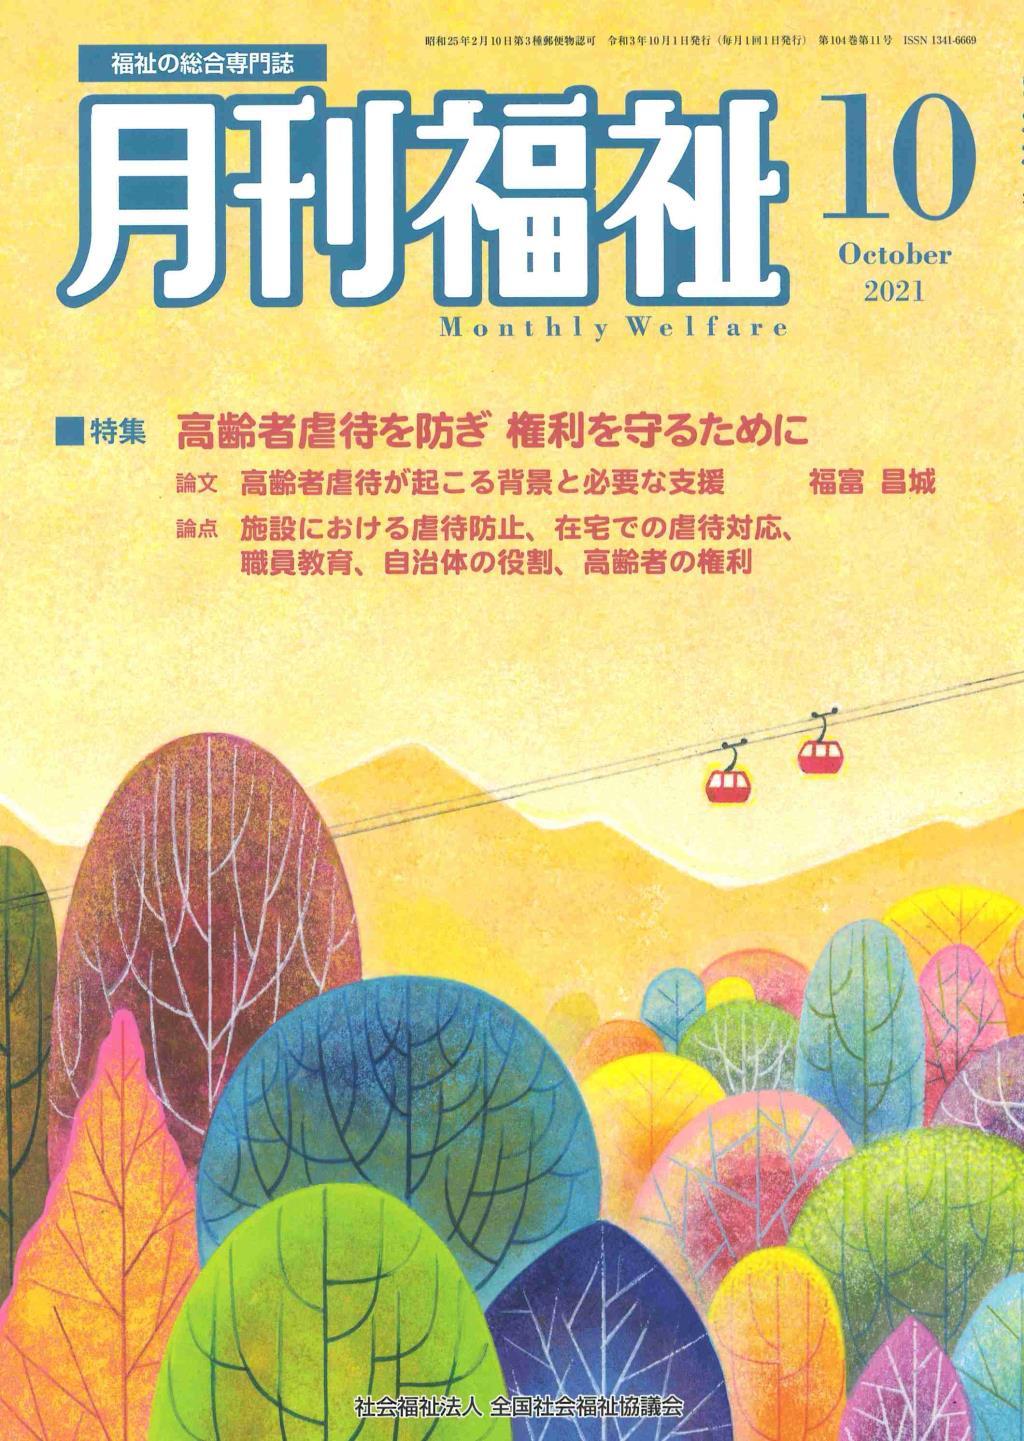 月刊福祉 2021年10月号 第104巻 第11号